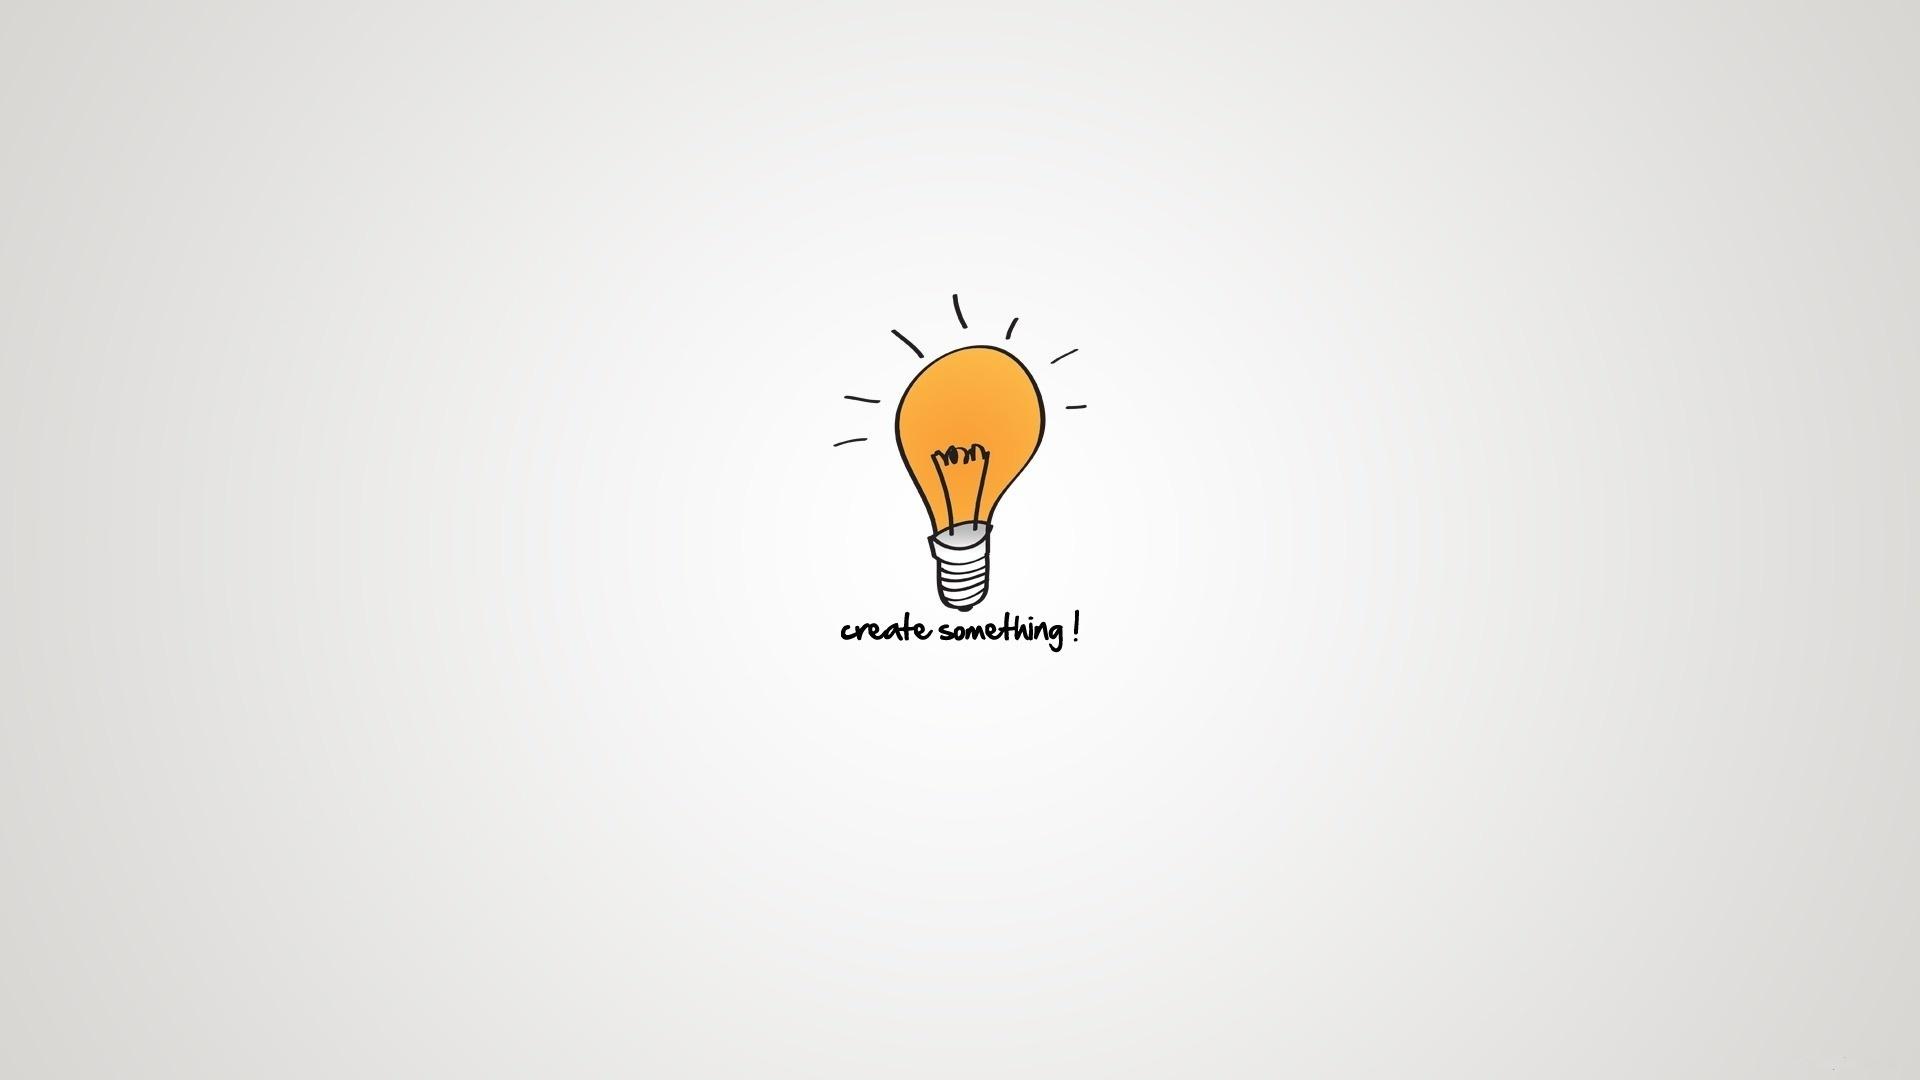 минимализм, надпись, Лампочка, мысли